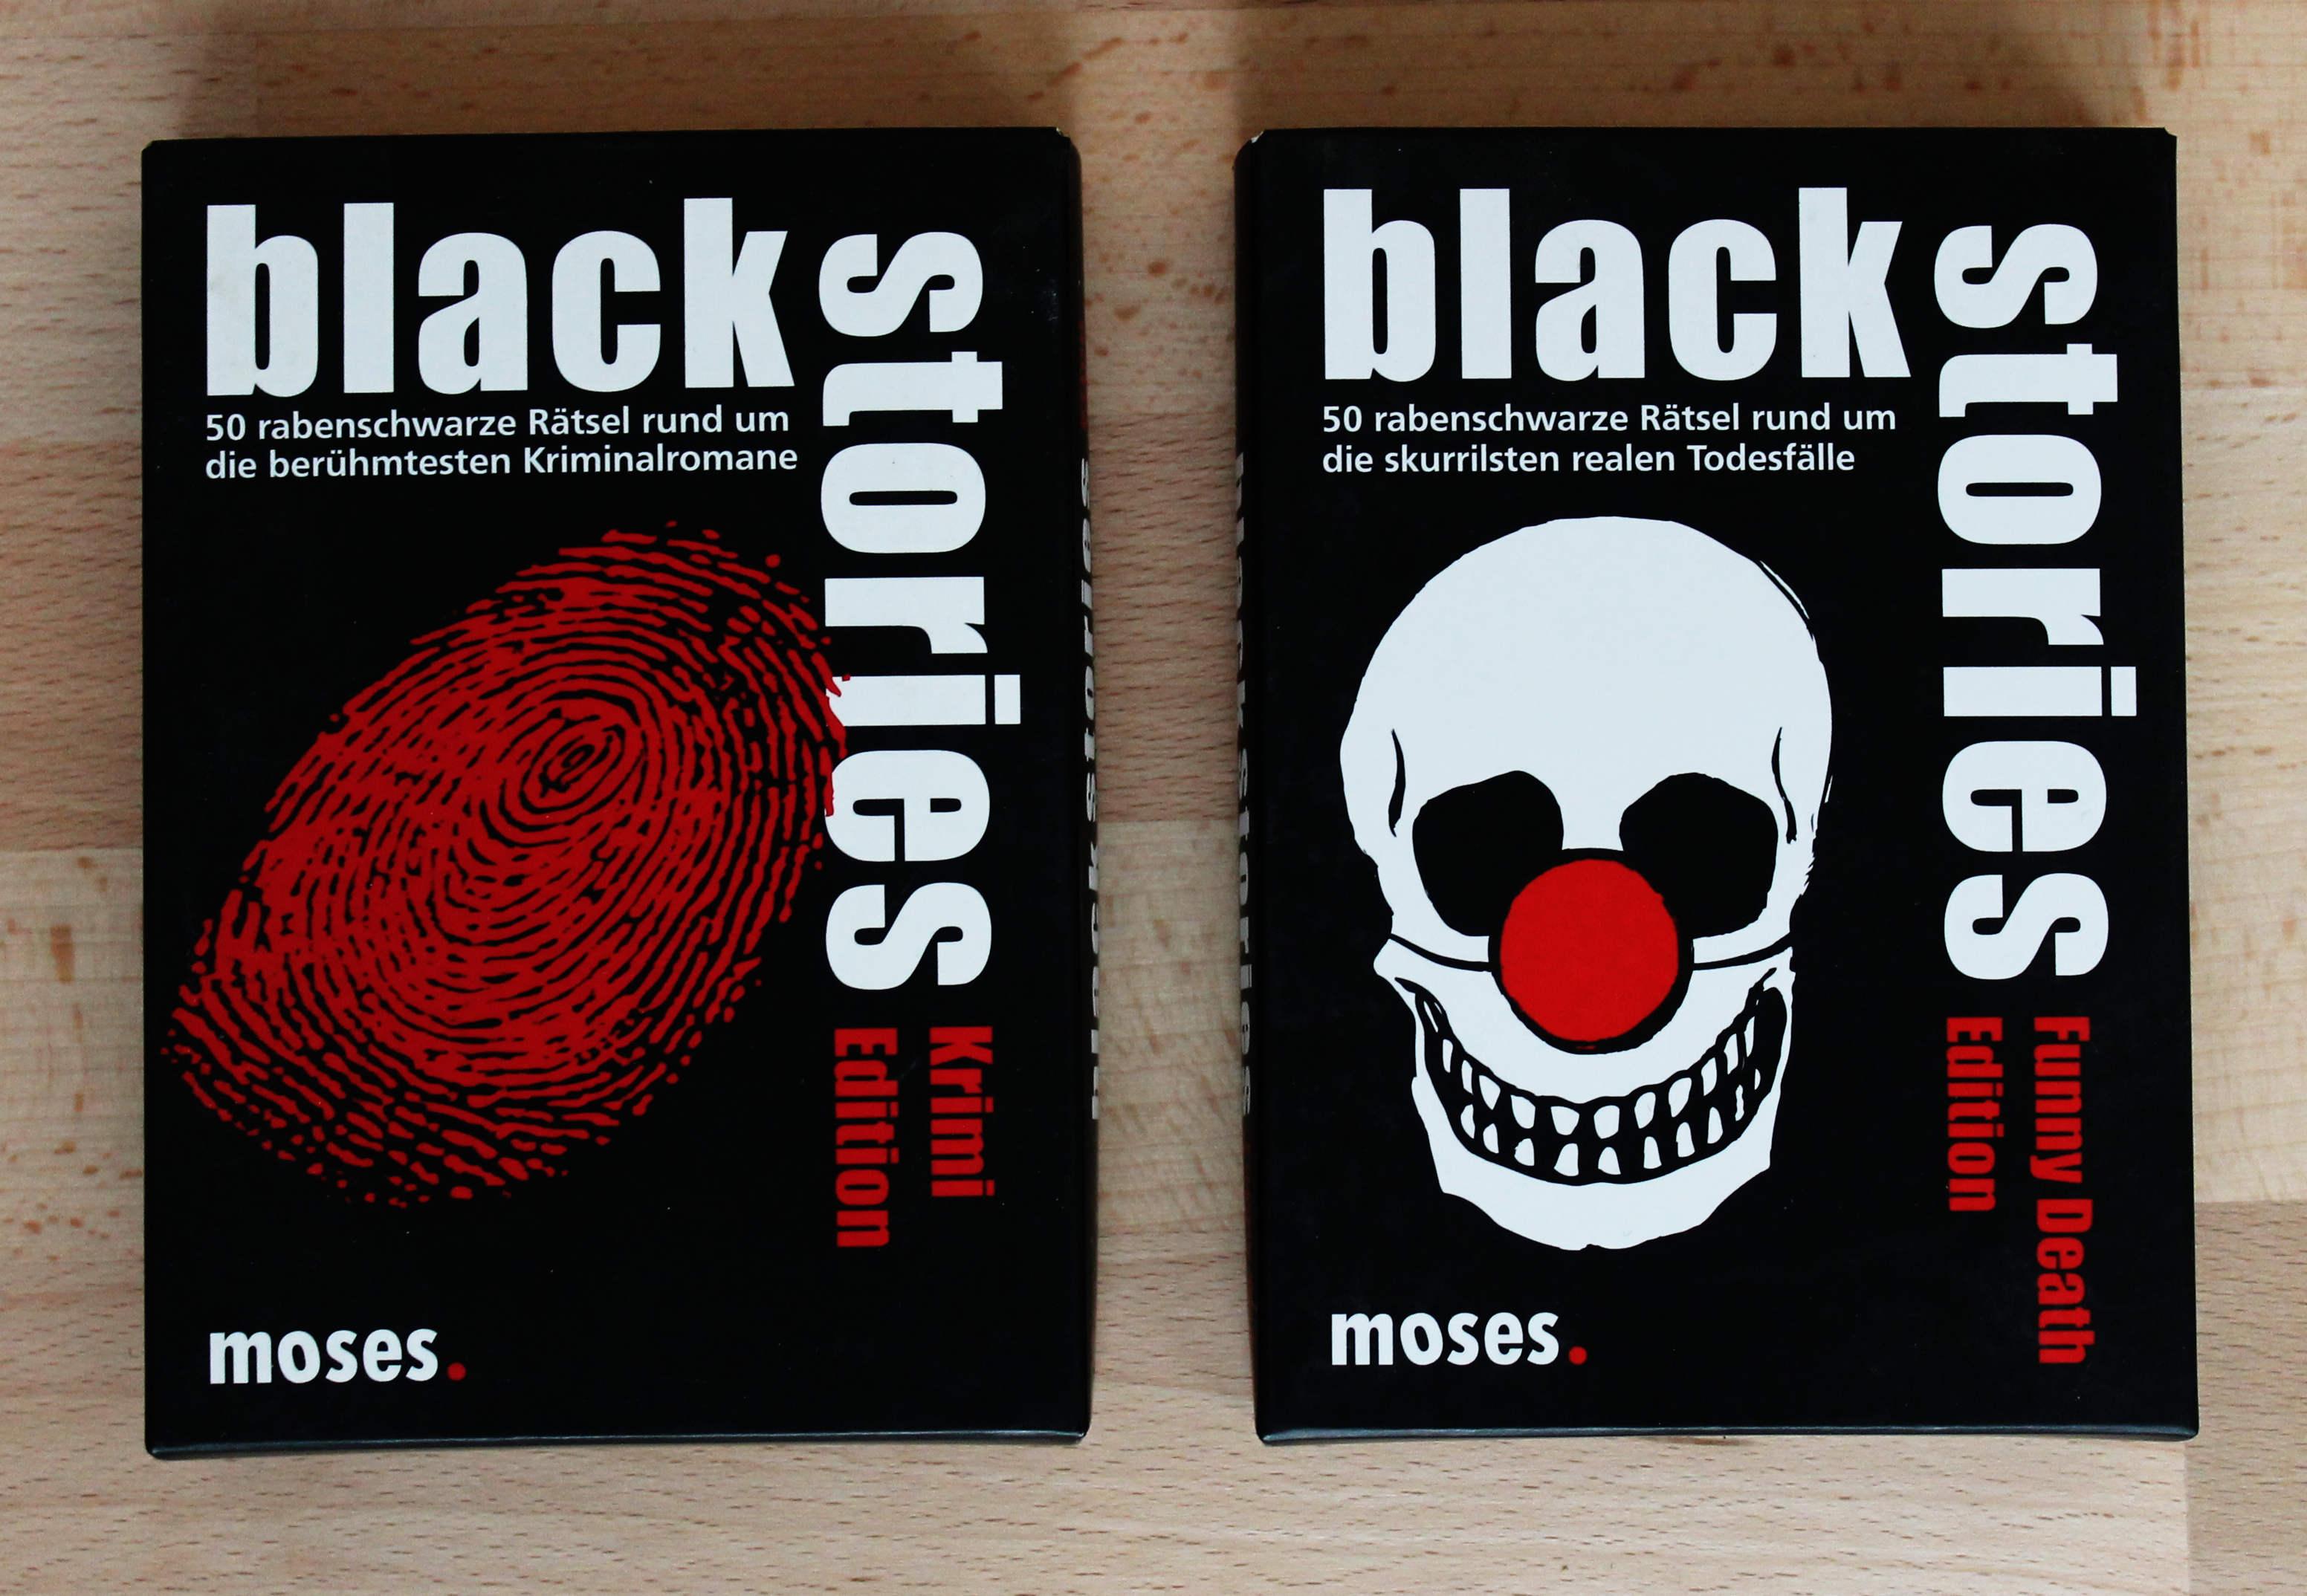 Abb.: Verschiedene Editionen von Black Stories. Quelle: Eigene Abb.